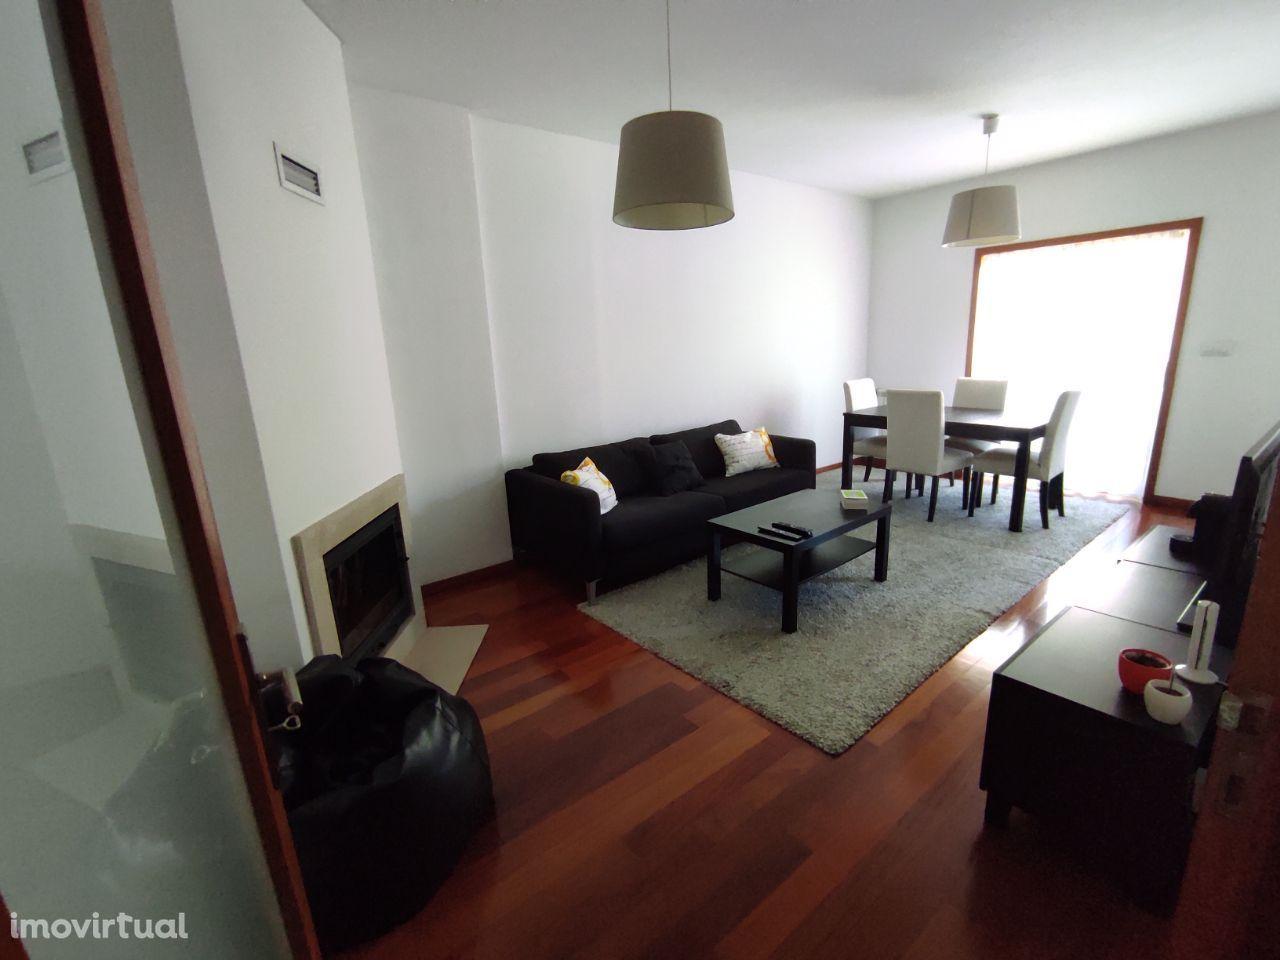 Apartamento T3 em Fraião junto ao Minho Center - último andar